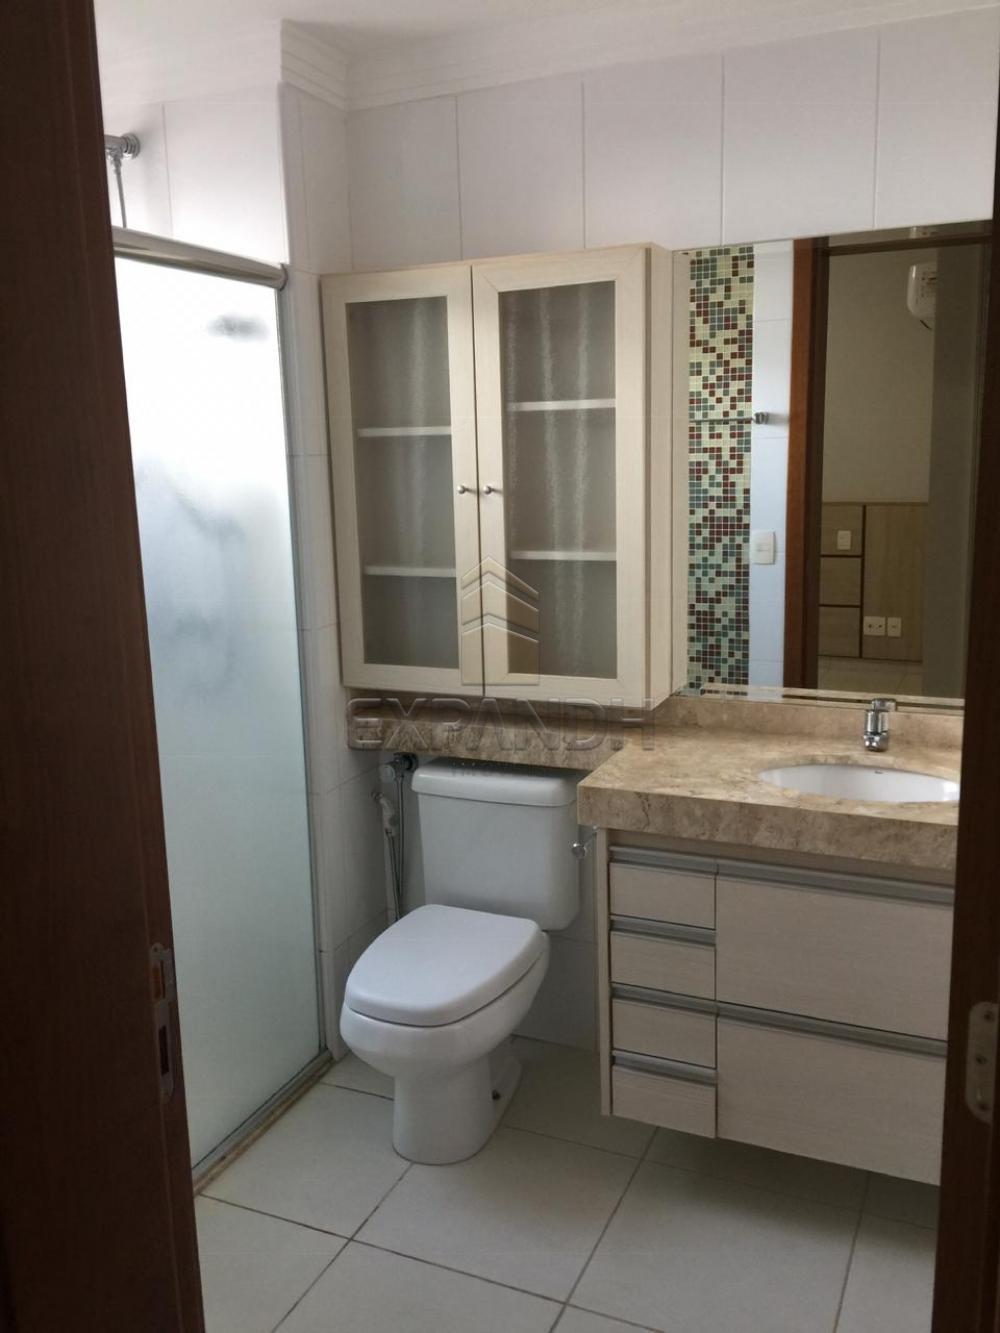 Comprar Apartamentos / Padrão em Sertãozinho R$ 850.000,00 - Foto 16